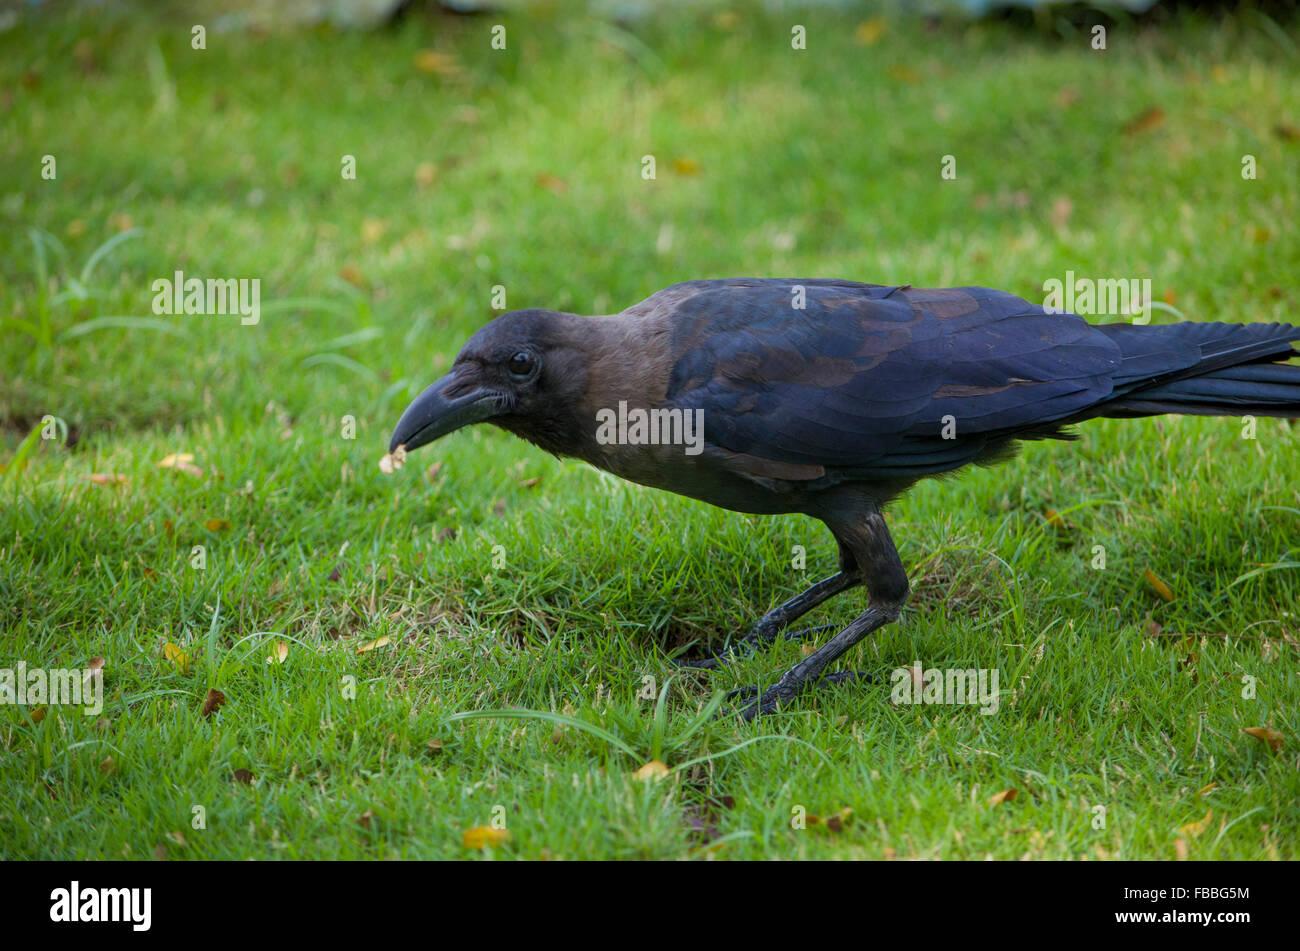 bird a black raven on a grass,a bird,a black raven in a grass,a raven,feathery,a bird goes,on a grass,a genus of - Stock Image